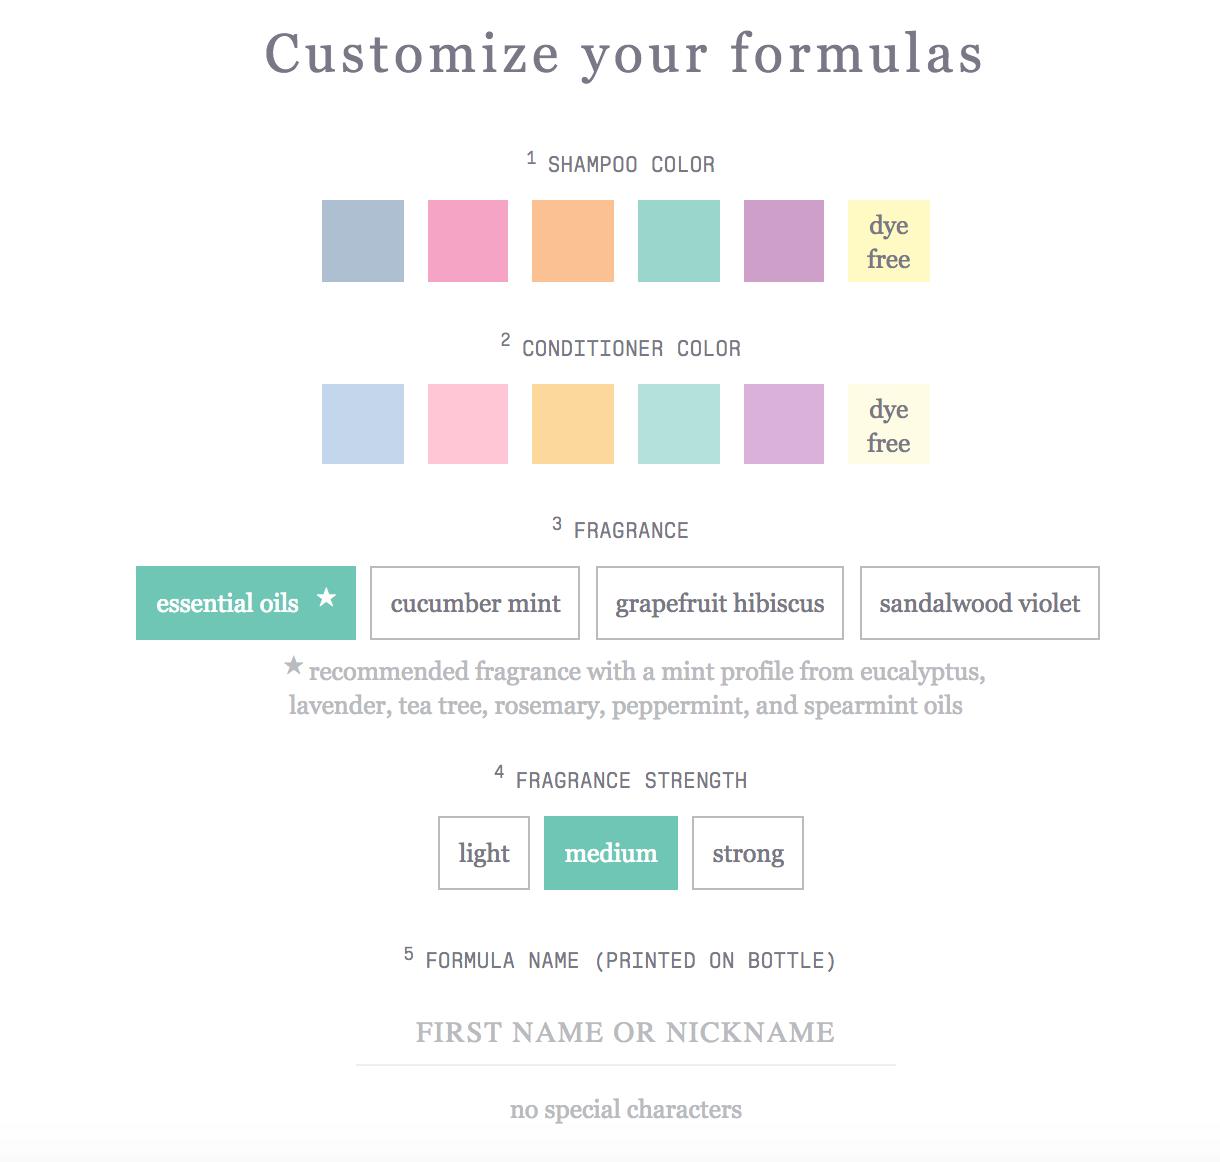 Formula customization